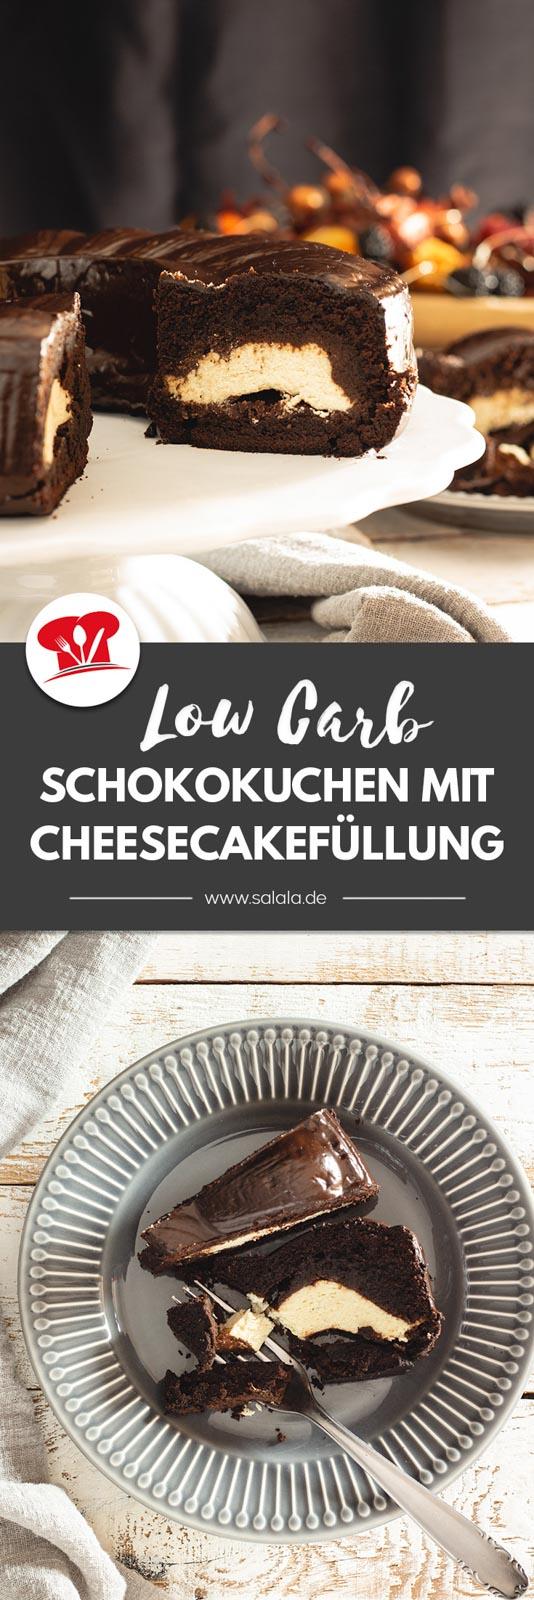 Unglaublich leckerer Schokoladenkuchen mit einer Käsekuchenfüllung. Das Rezept ist ohne Zucker und ohne Weizenmehl, also total Low Carb und sogar Keto. Wenn du zuckerfreie Schokolade verwendest, dann hat ein Stück unter 4 g Kohlenhydrate. Perfekt für den nächsten Sonntags Kaffee. #LowCarbKuchen #KetoKuchen #Cheesecake #KaesekuchenLowCarb #KuchenOhneZucker #KuchenOhneMehl